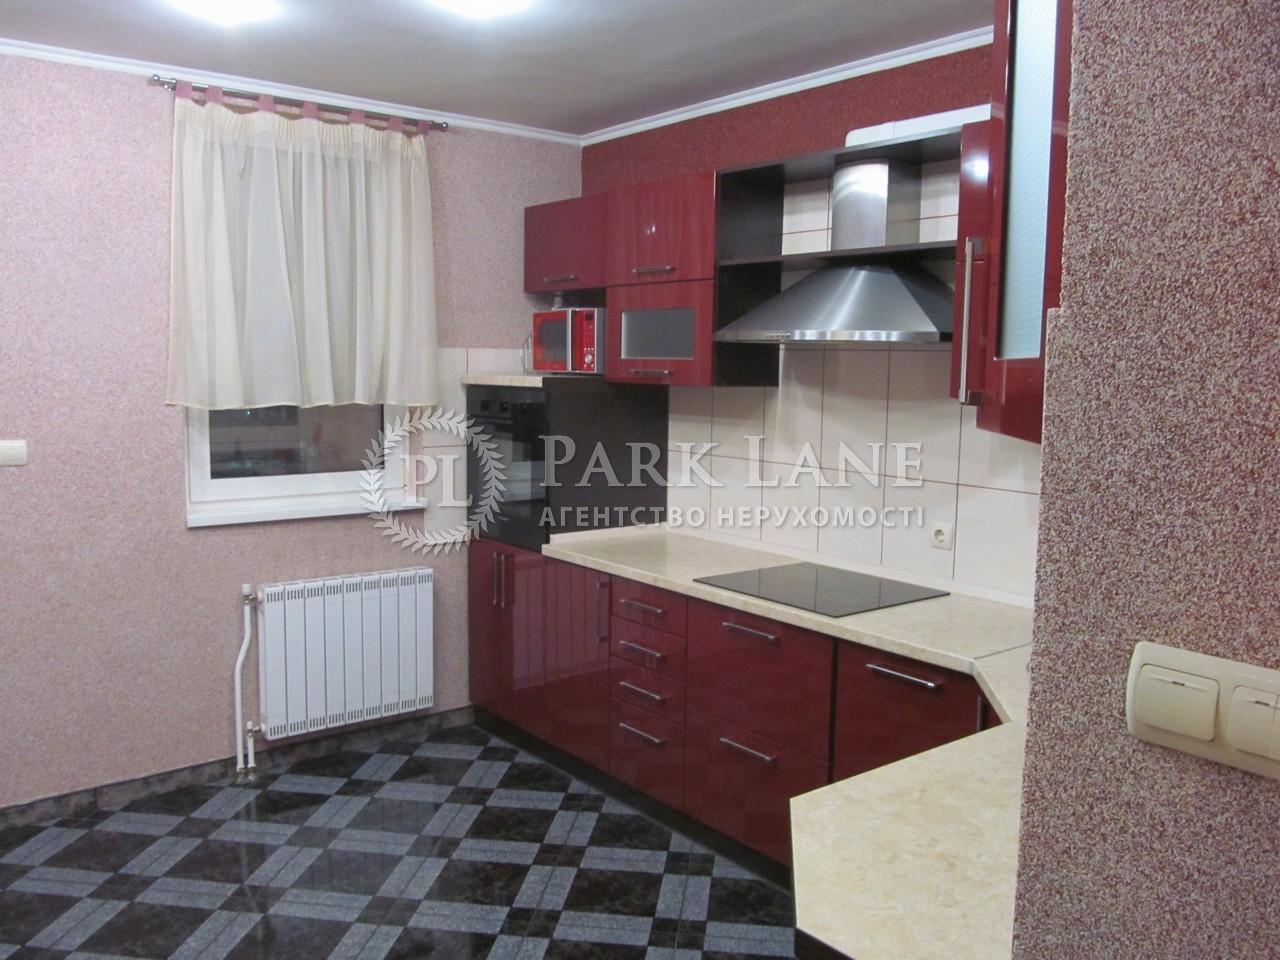 Квартира вул. Гетьмана Вадима (Індустріальна), 1а, Київ, K-11993 - Фото 6